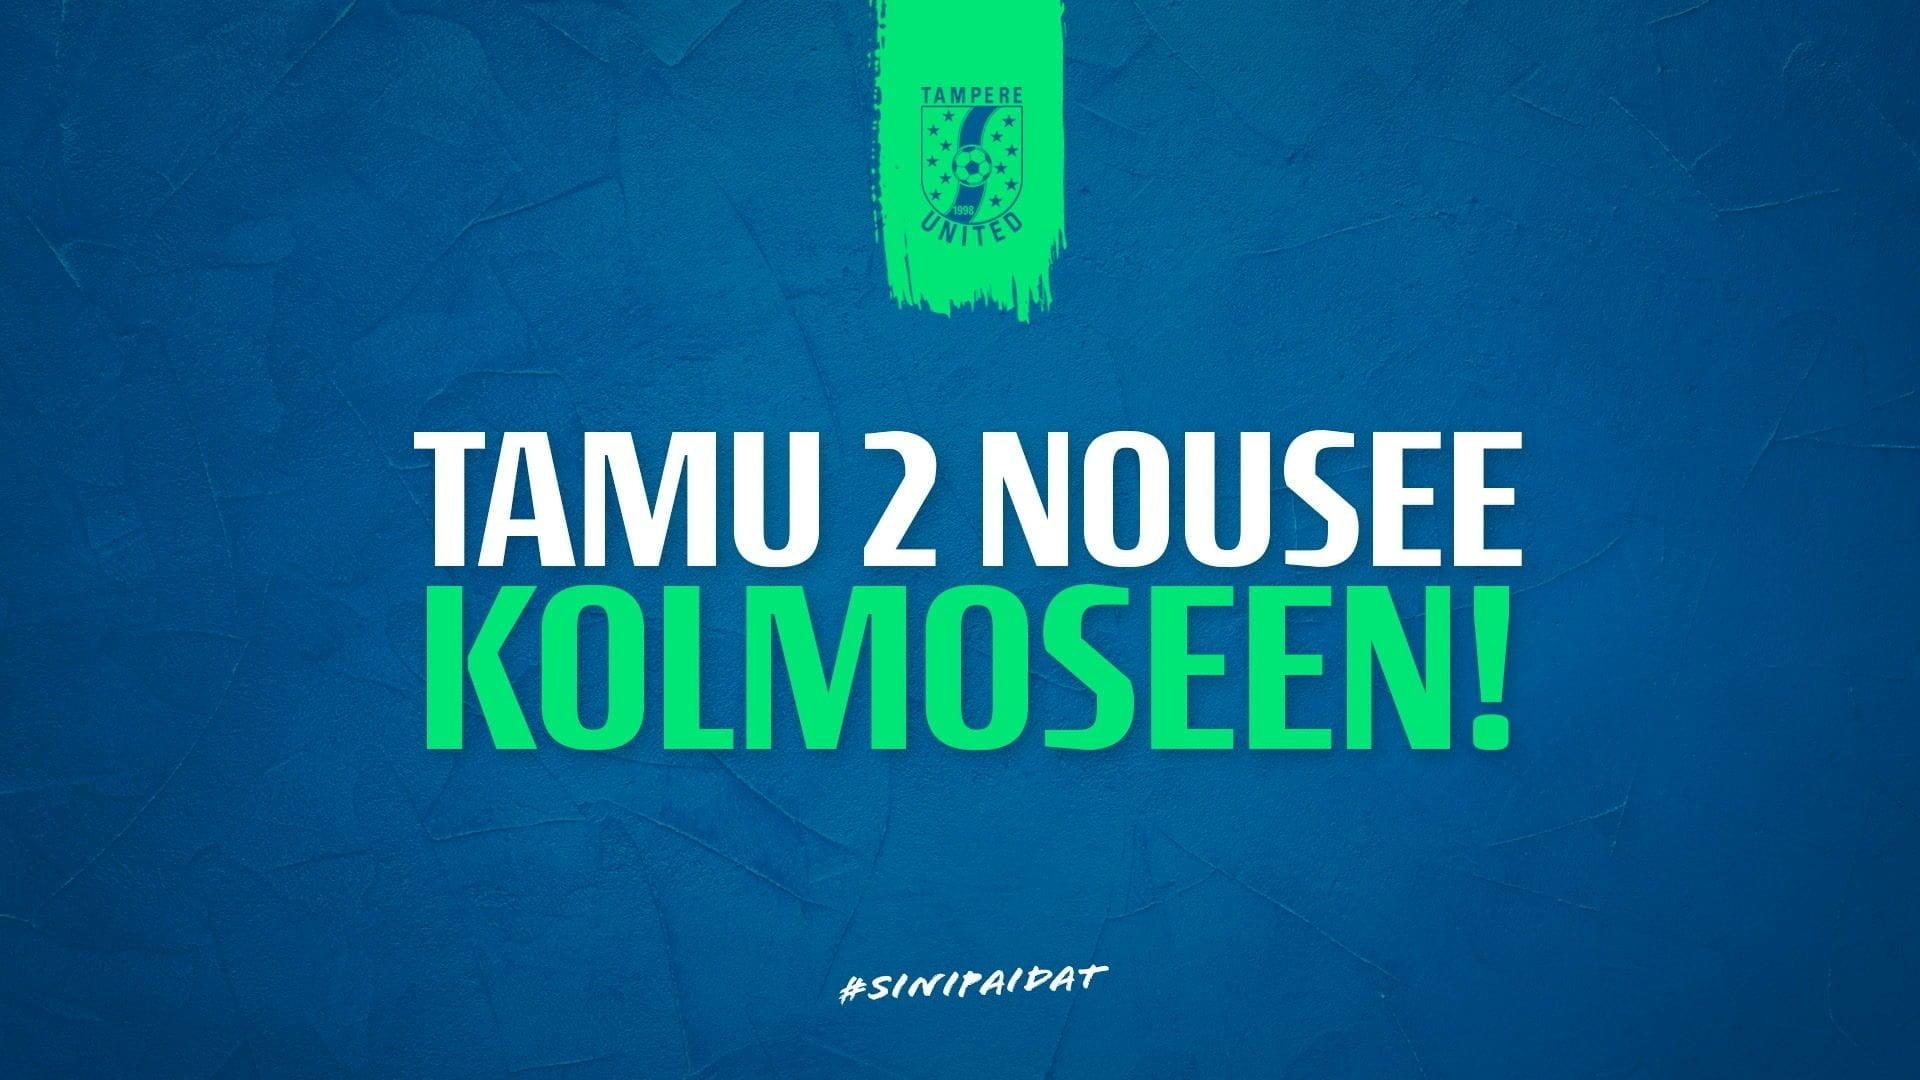 Tampere Unitedin kakkosjoukkue nousi Kolmoseen -uutiskuva